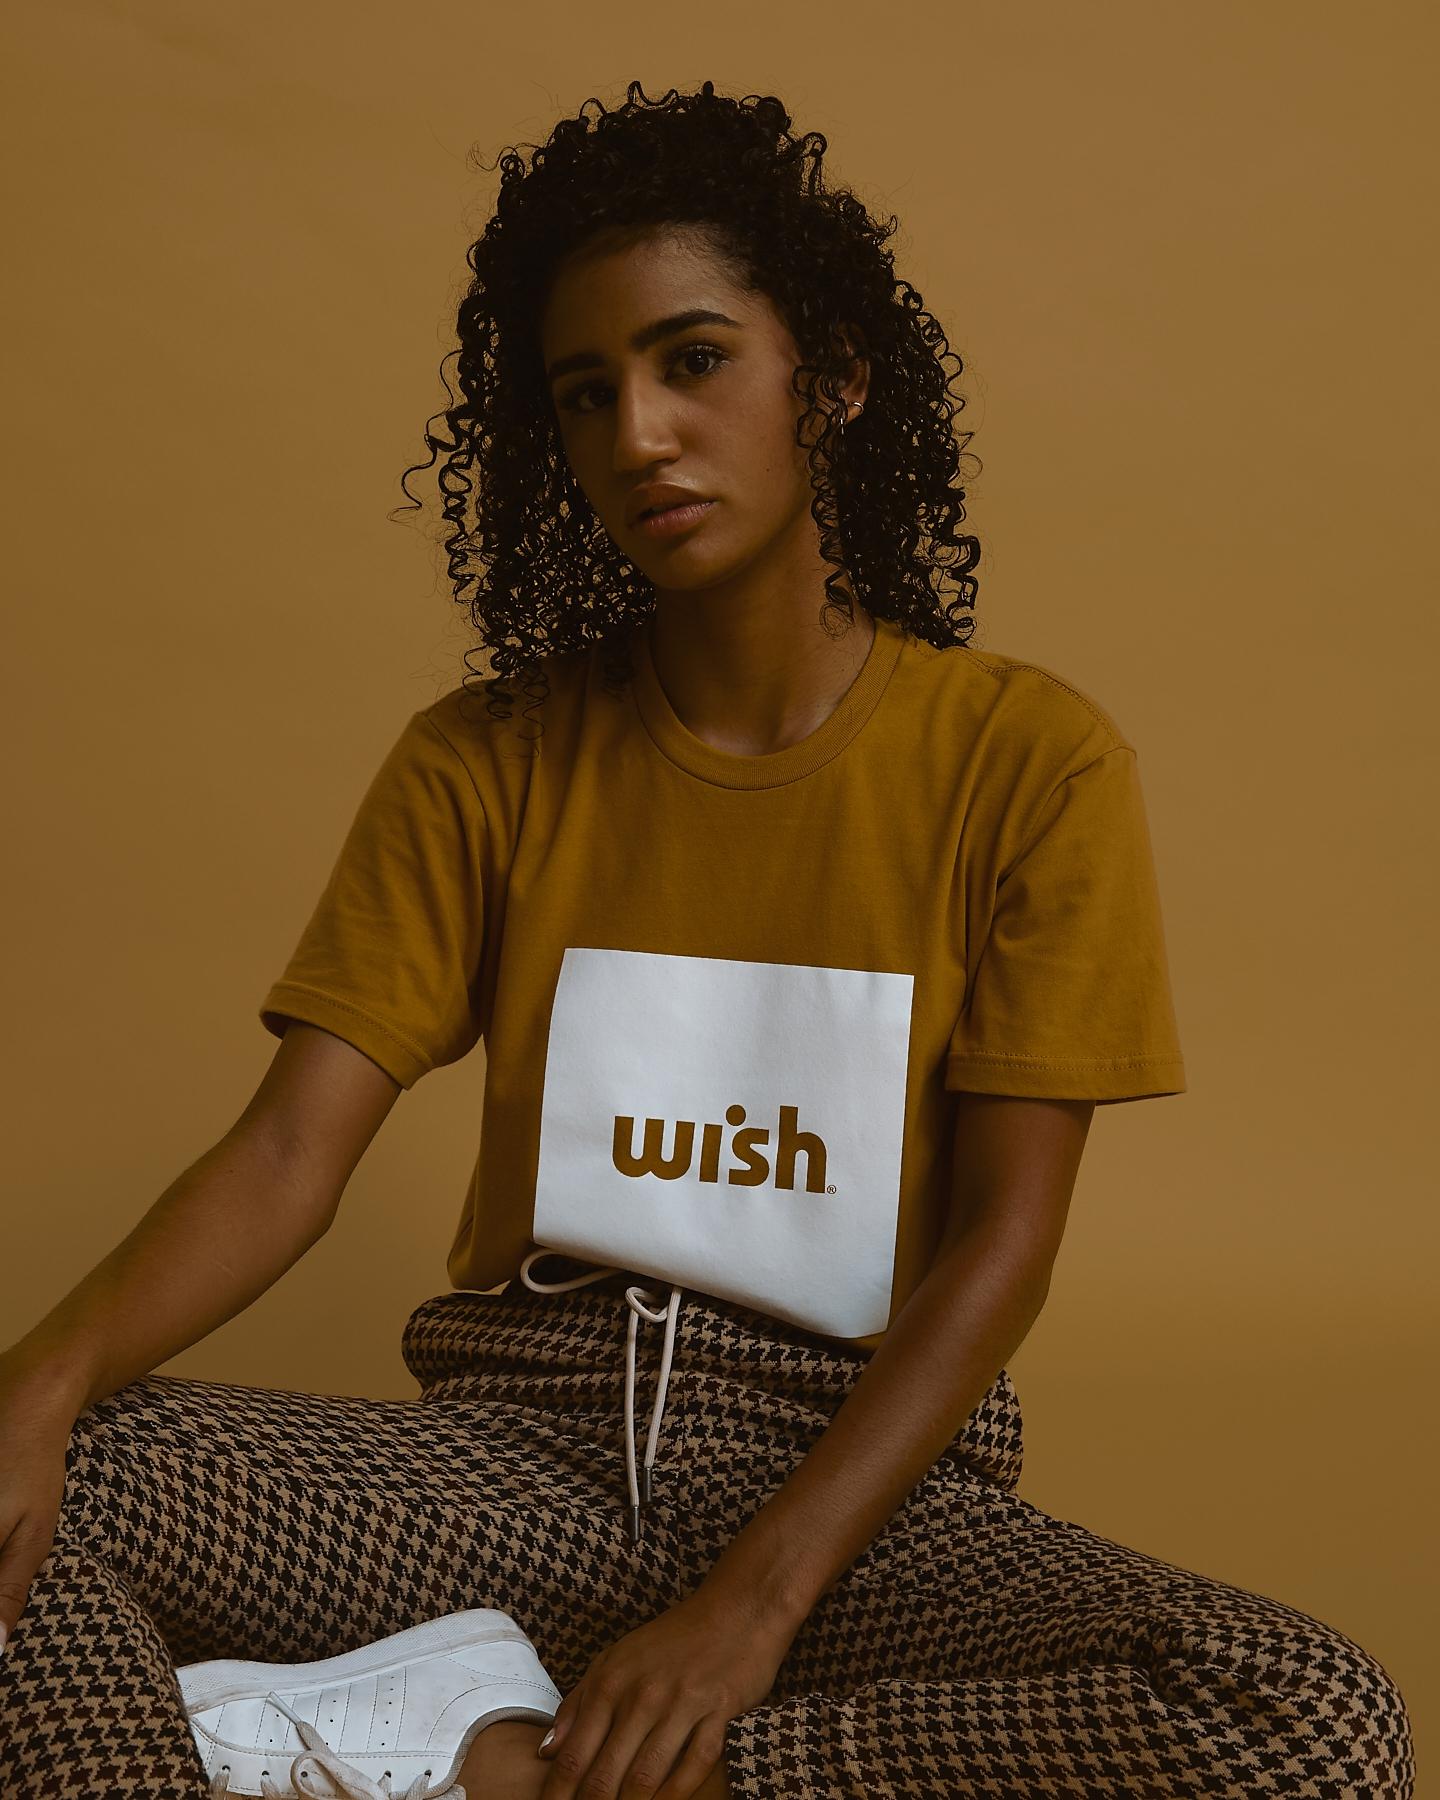 WISH x FALL '18